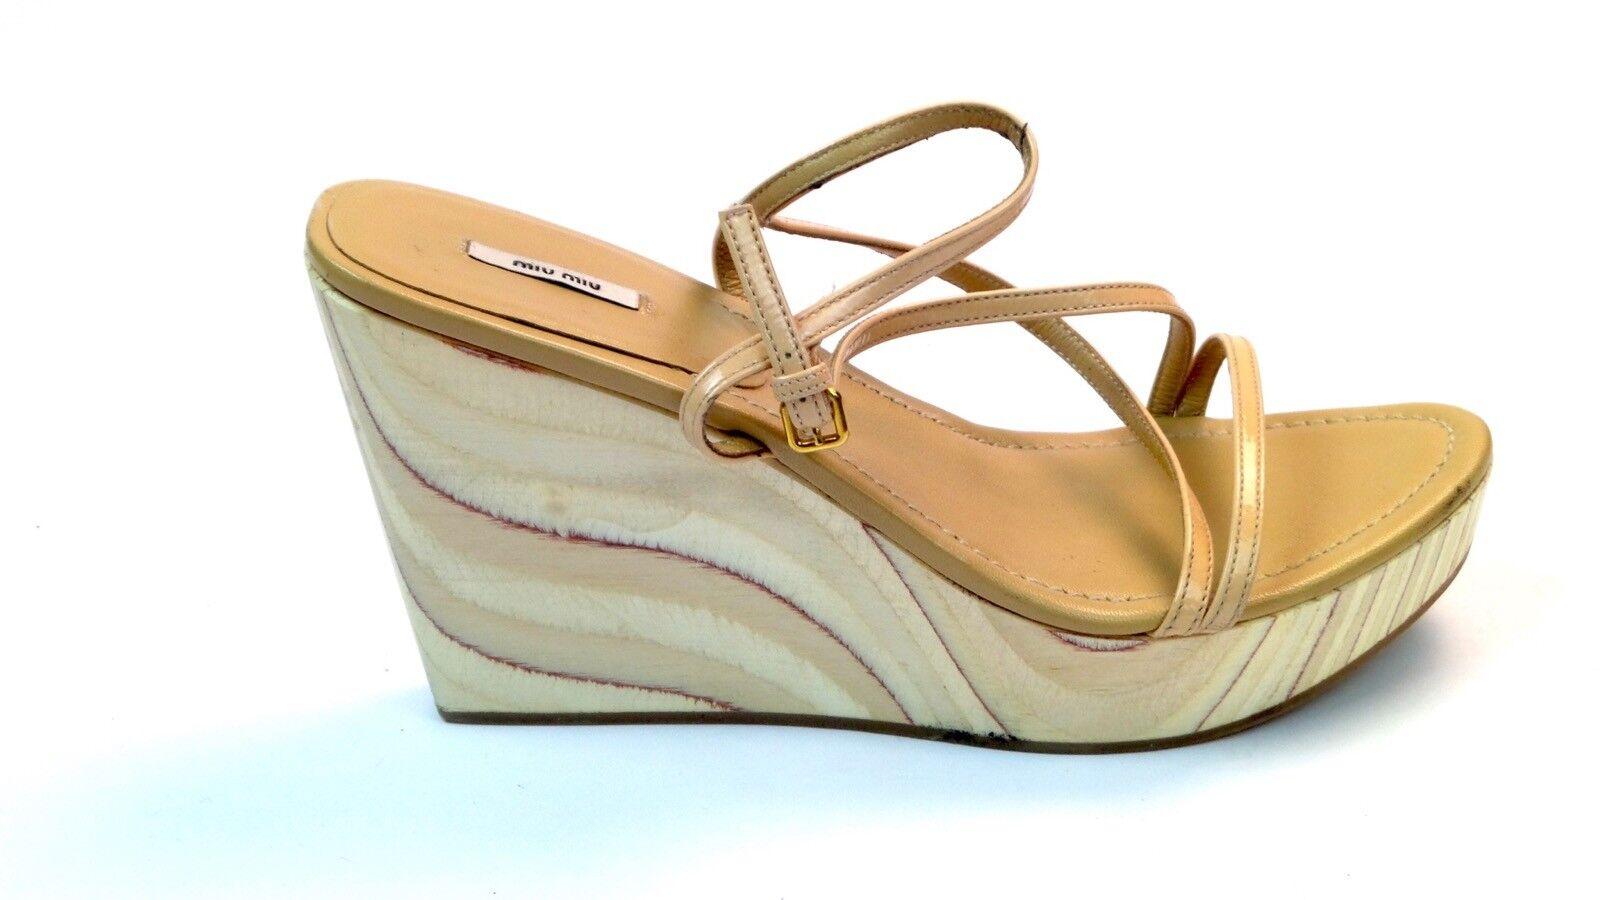 Miu Miu Miu Miu braun Leather Strappy Wooden Wedge Open Toe schuhe Sandals Größe 39.5 c18103